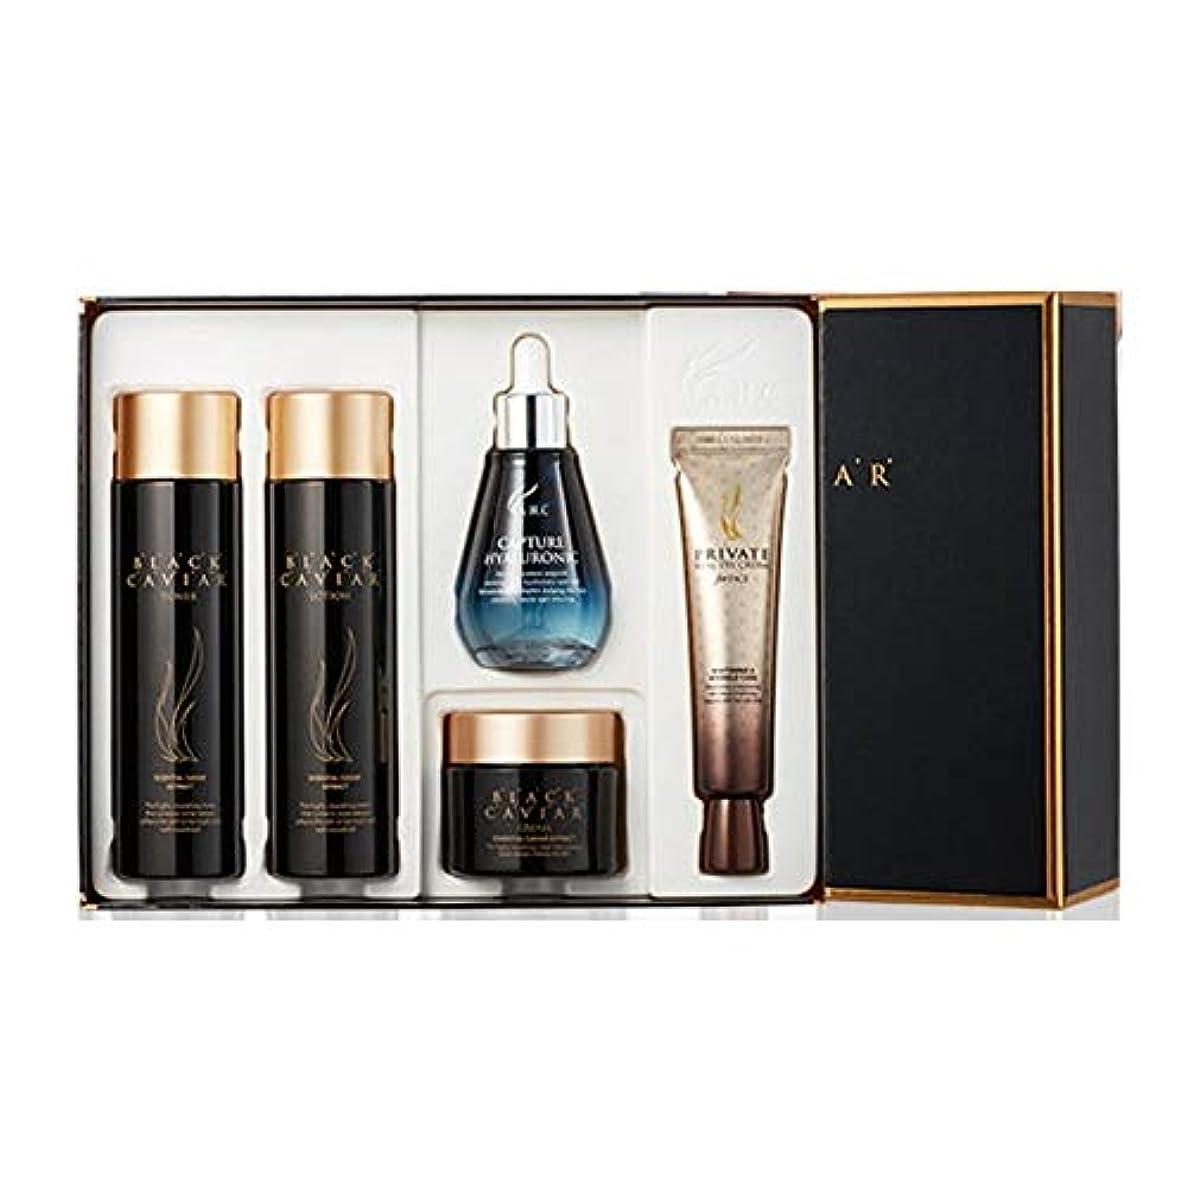 水平ベテランサイドボードAHCブラックキャビアスキンケアセットトナーローションクリームアイクリームアンプル、AHC Black Caviar Skincare Set Toner Lotion Cream Eye Cream Ampoule [...